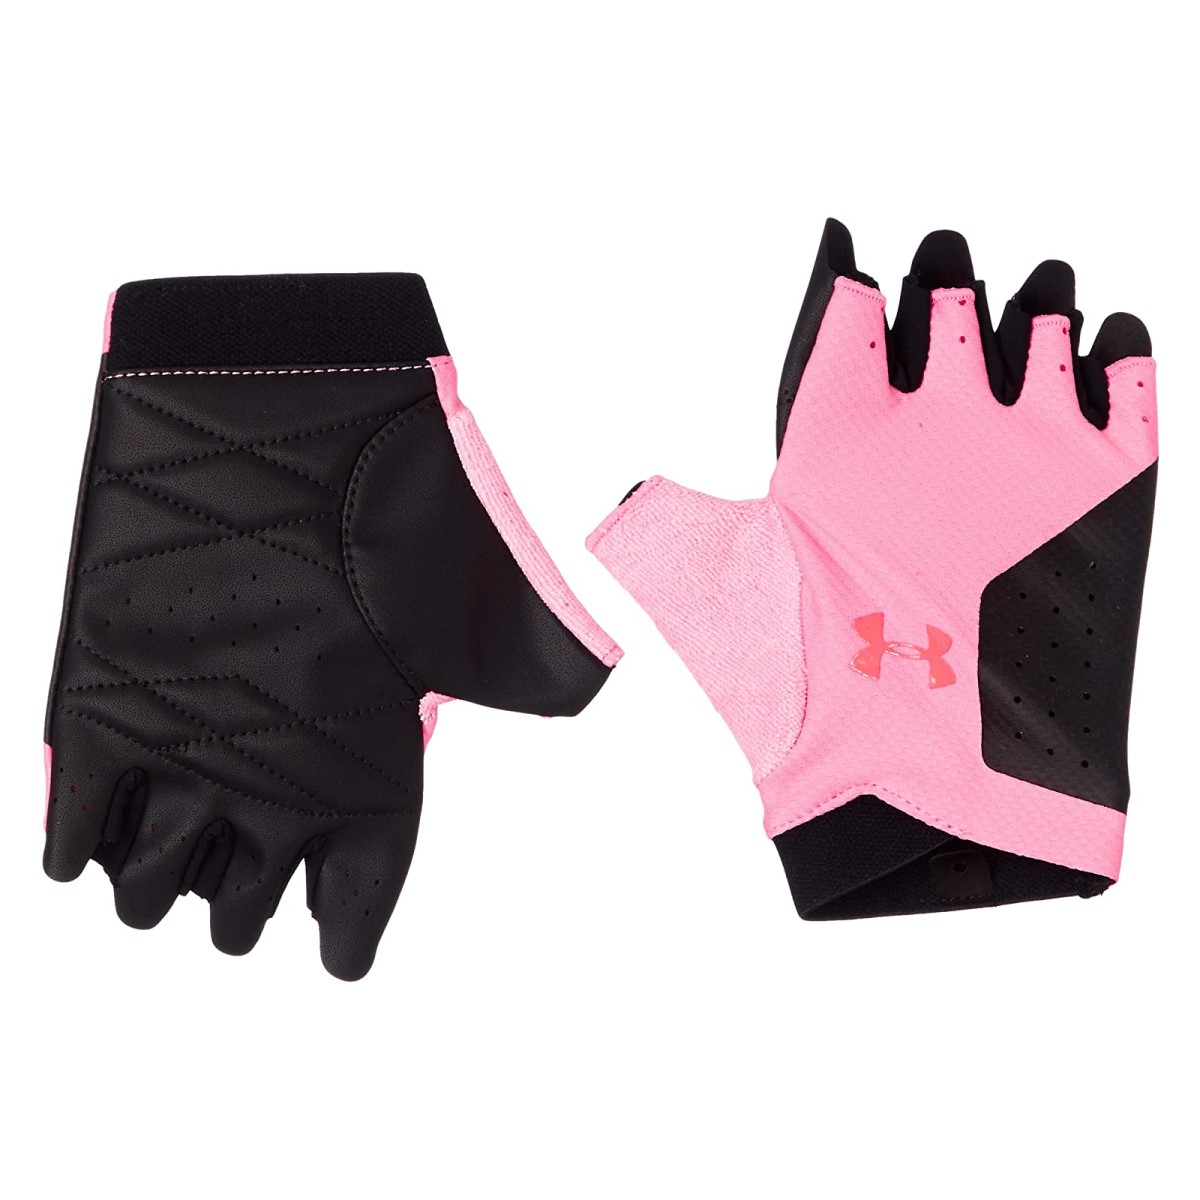 دستکش ورزشی زنانه آندر آرمور مدل UA1329326-002